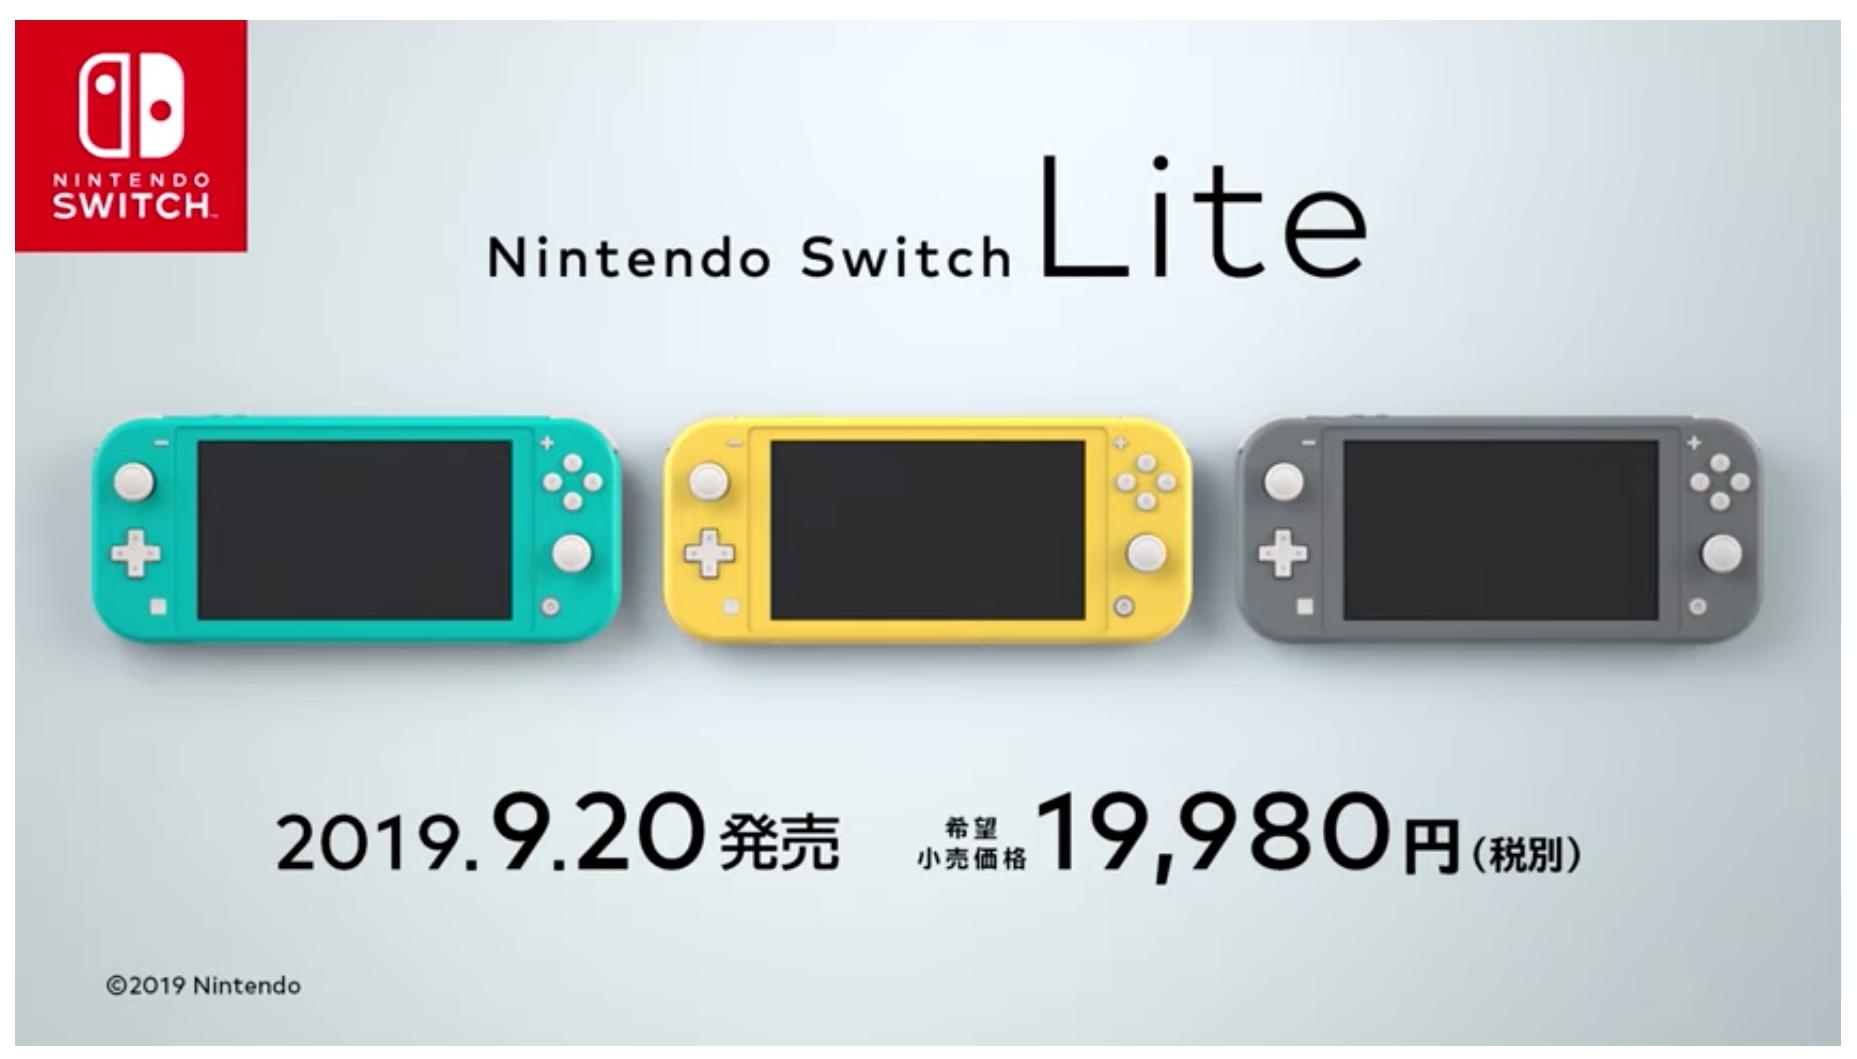 新型「ニンテンドースイッチライト」が今秋登場!携帯専用機で19,980円の低価格。2019年9月20日発売!